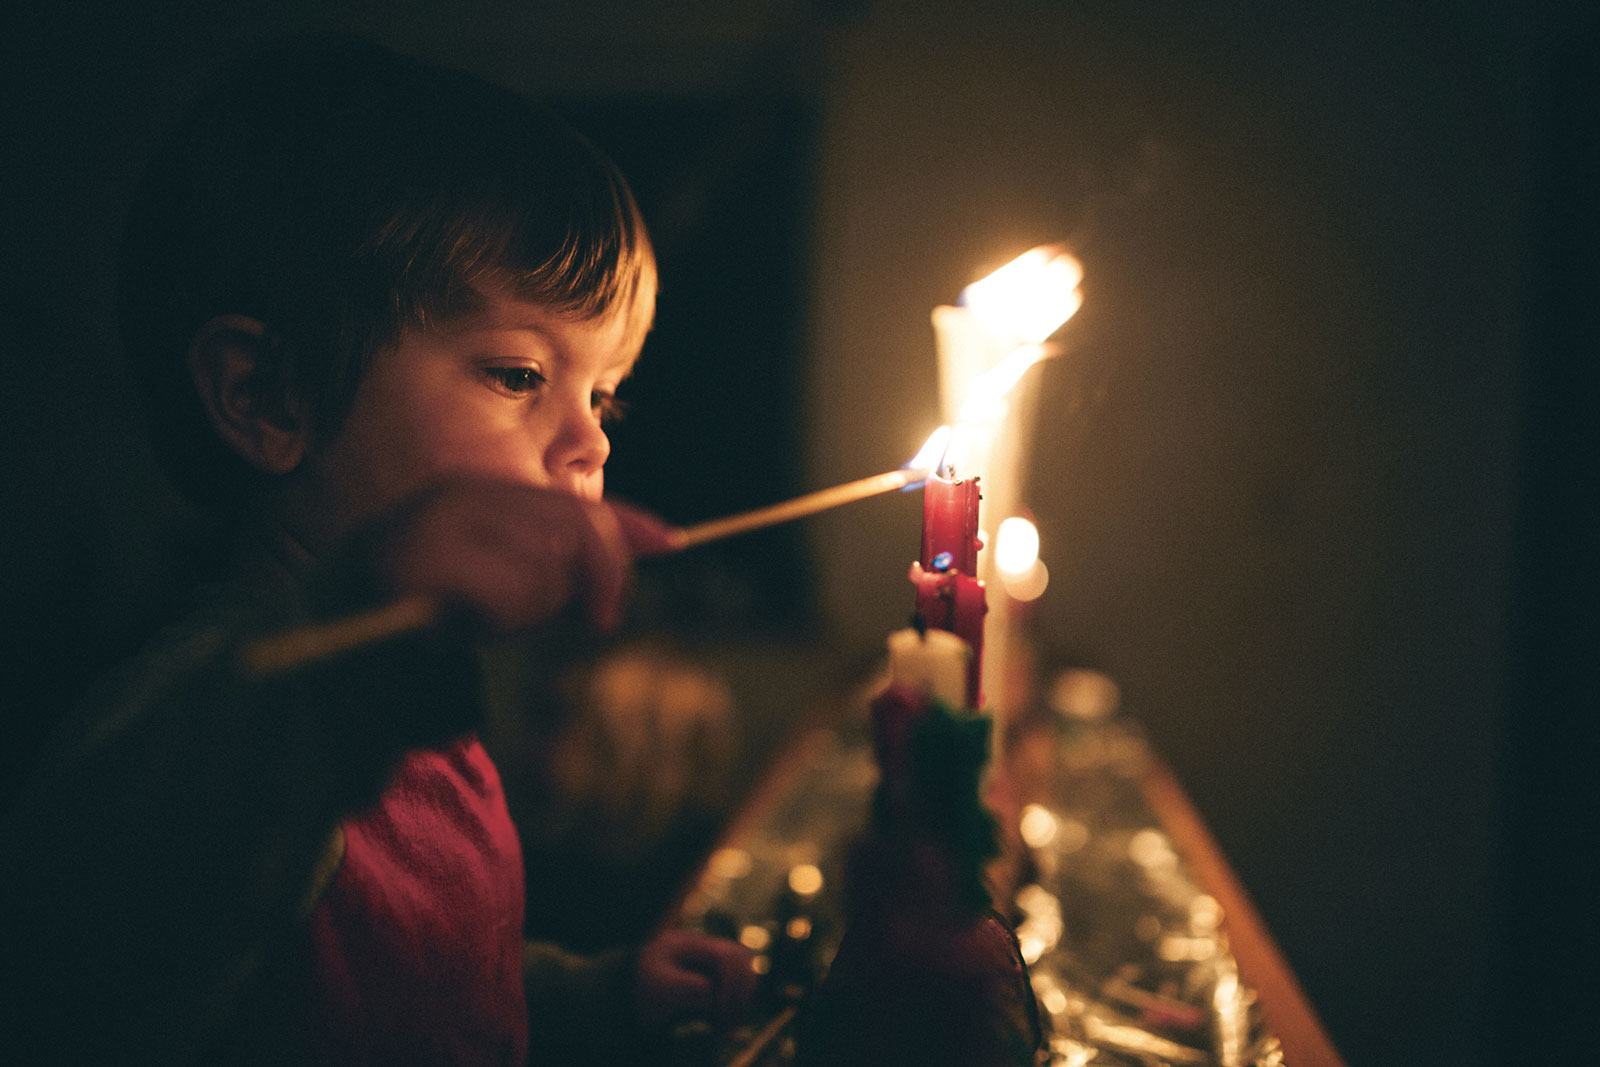 """Kerzen als Brandursache: """"Viel zu oft wird die Temperatur von Kerzenflammen unterschätzt"""", warnt der Österreichische Bundesfeuerwehrverband."""